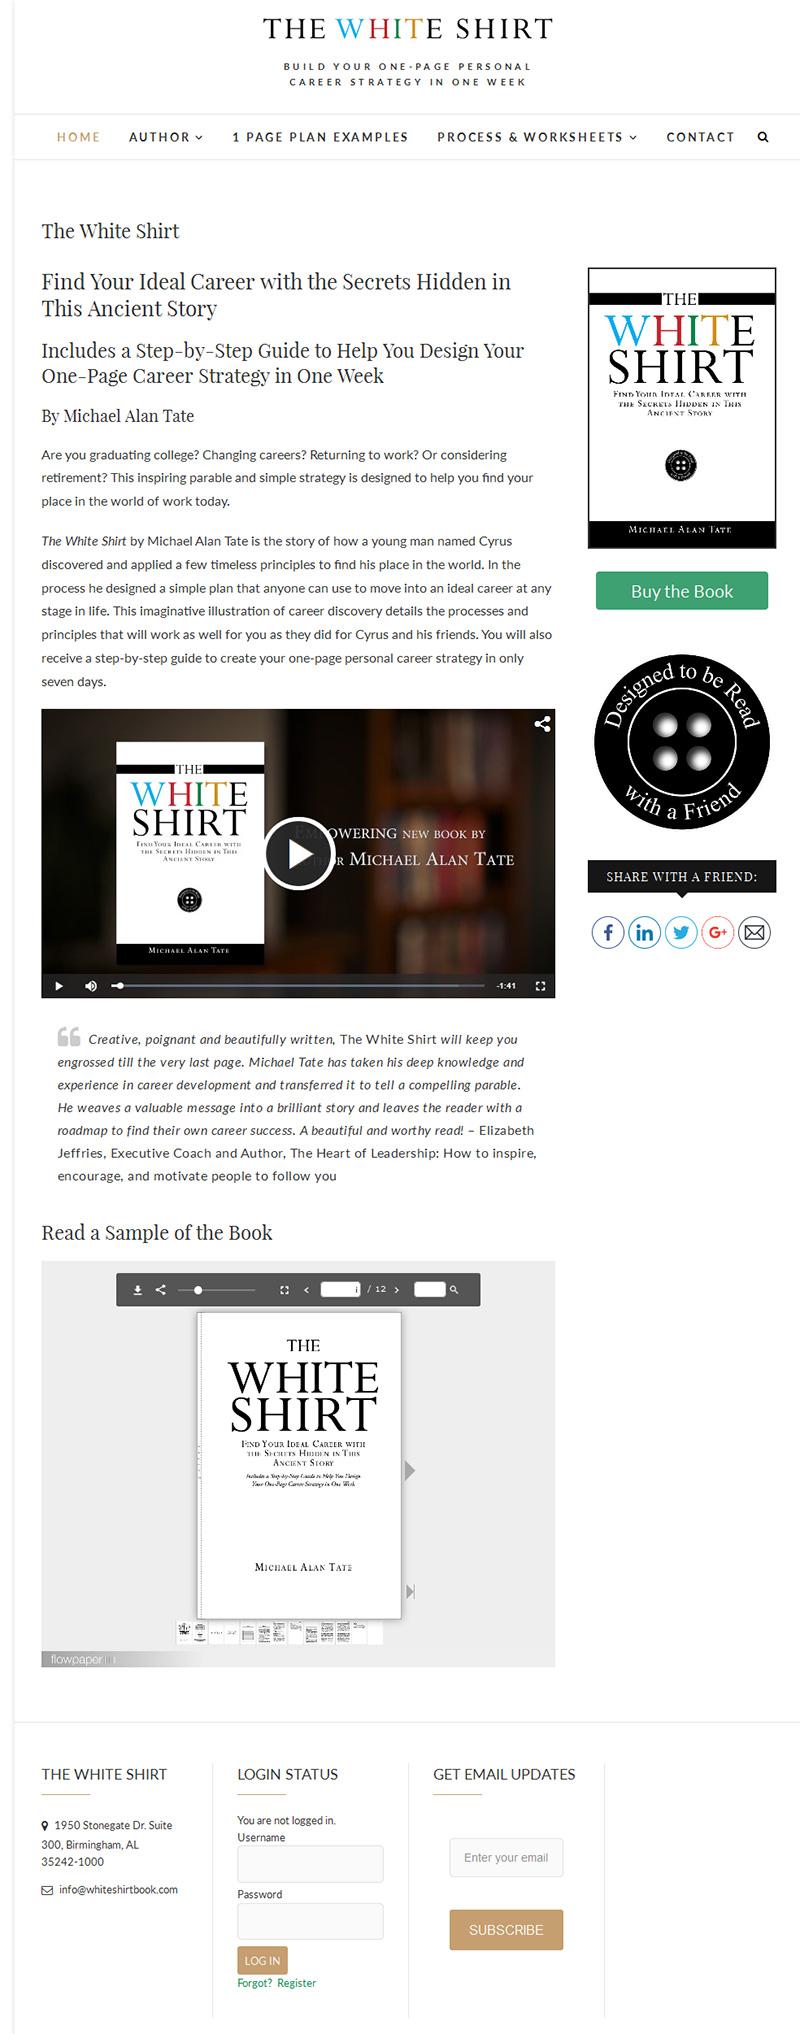 WhiteShirtBook.com